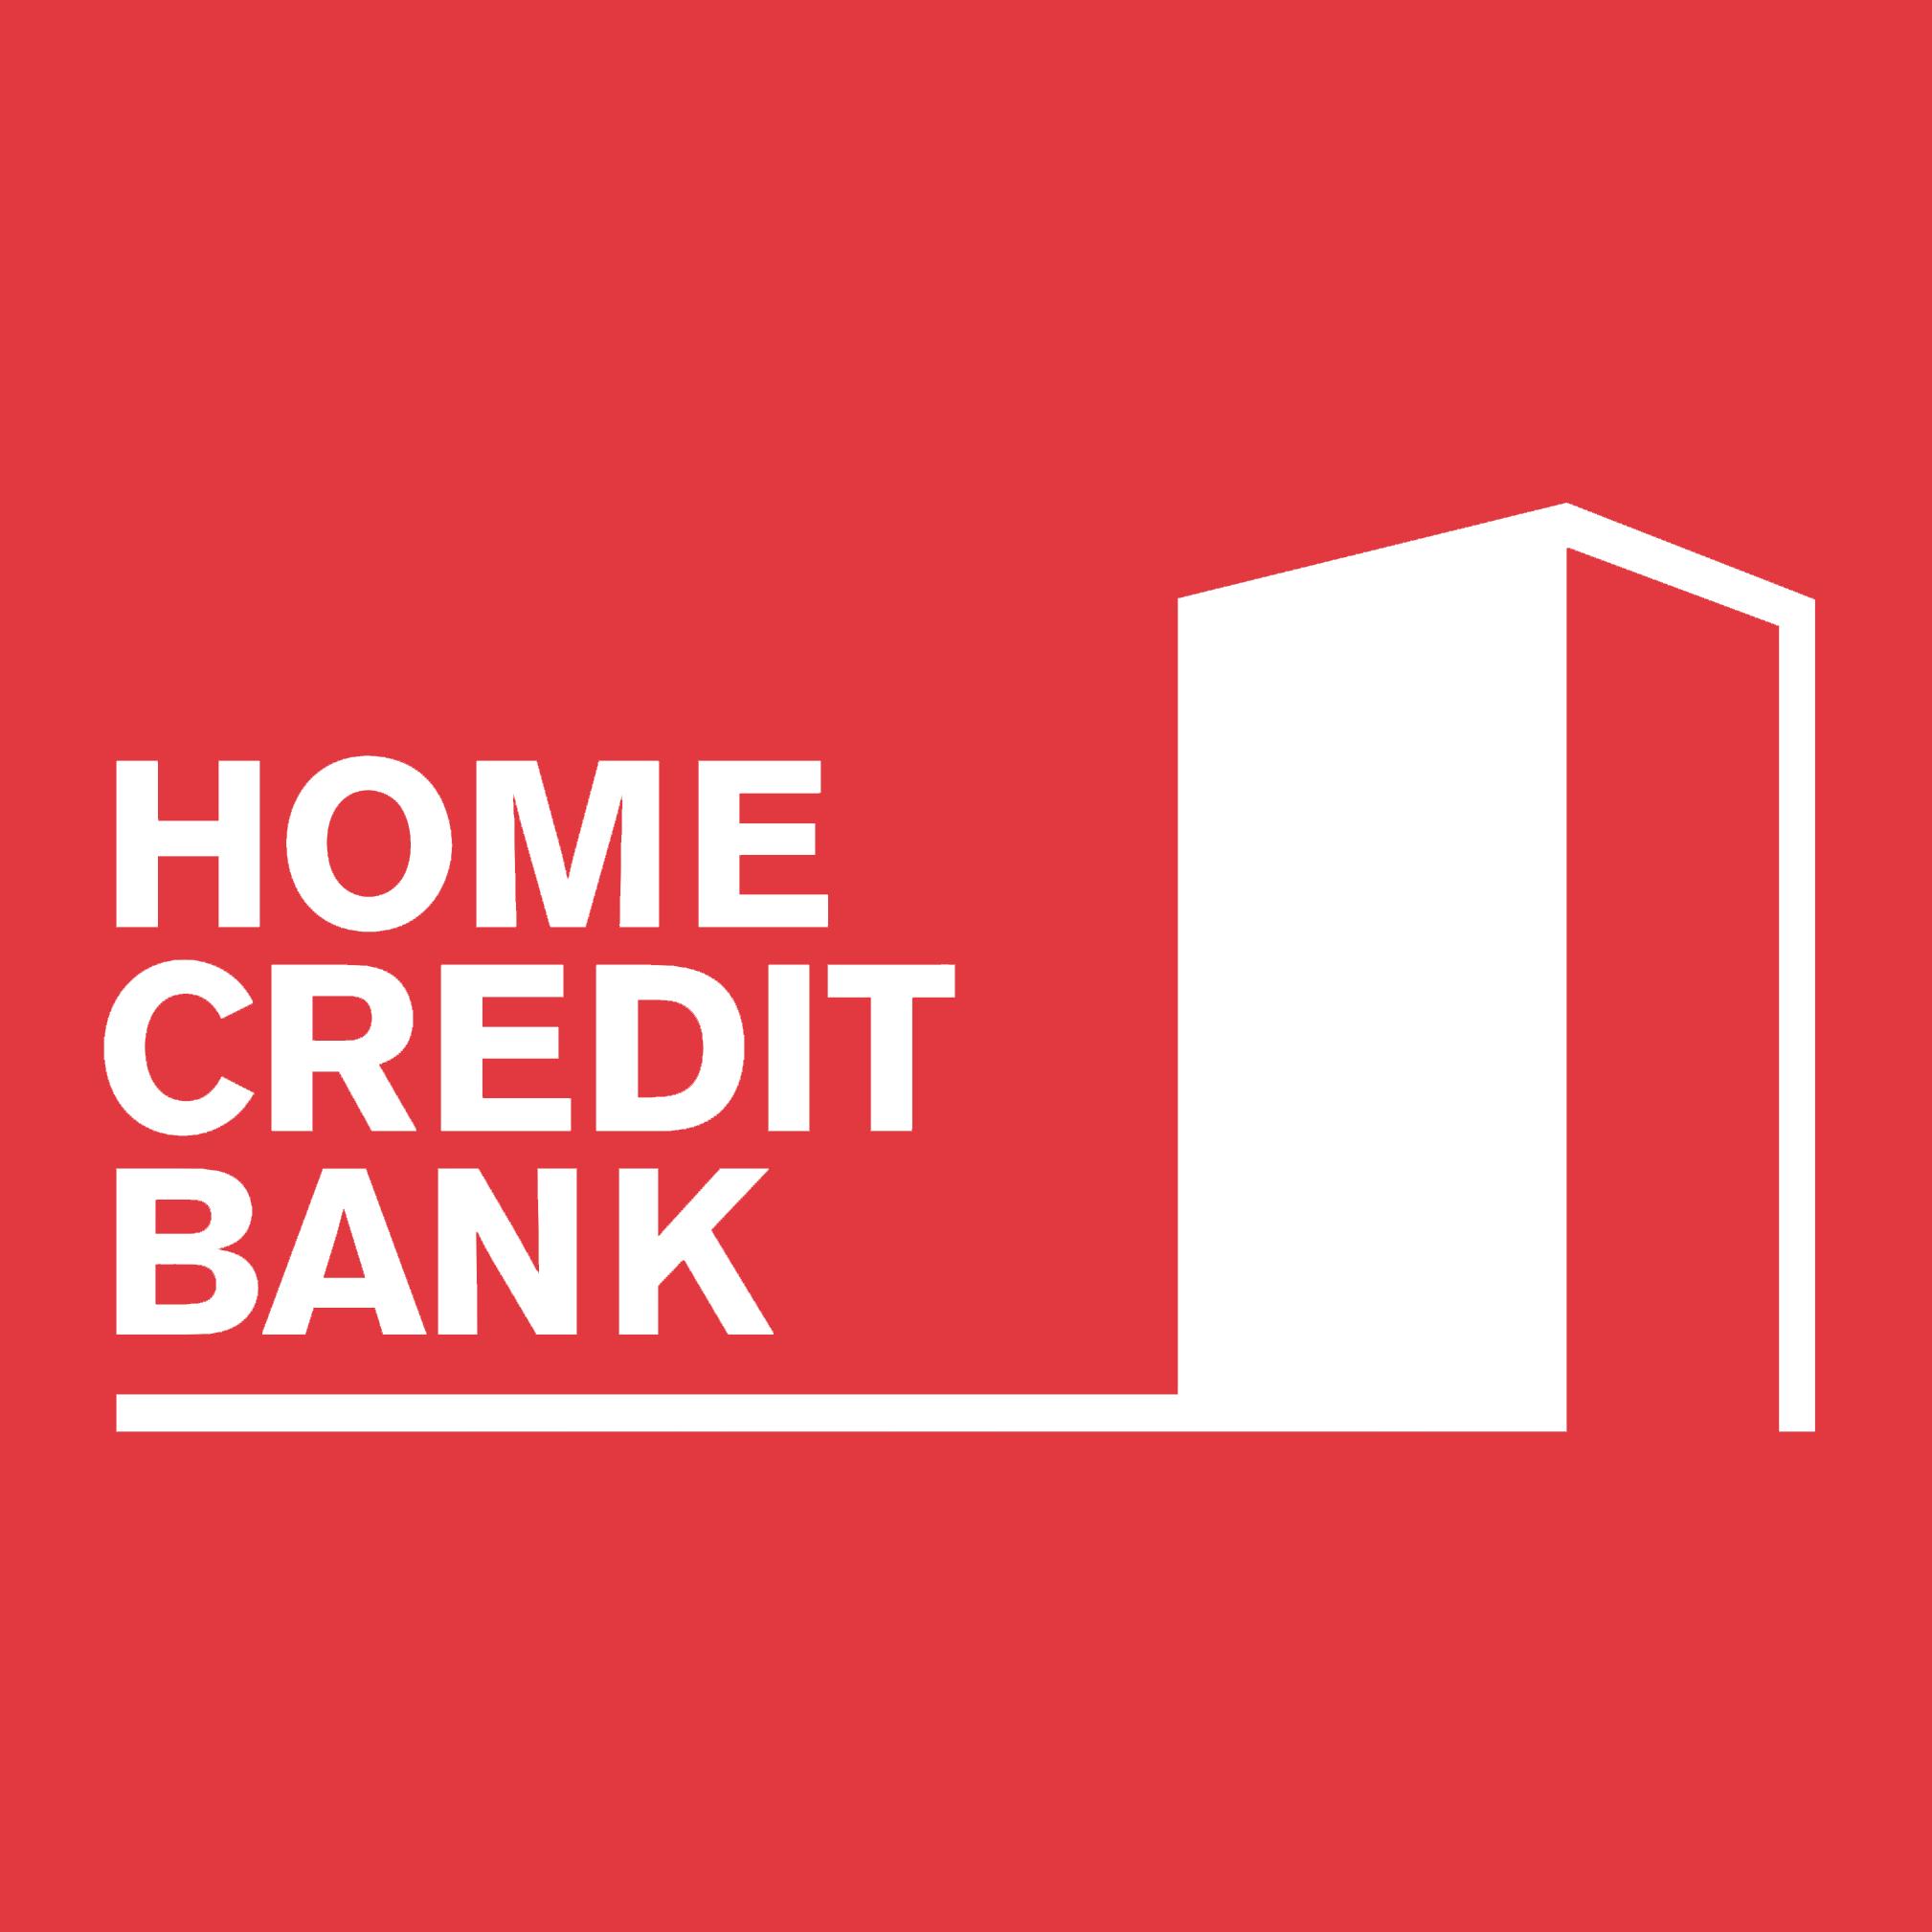 показать адрес банка хоум кредит соответствие занимаемой должности воспитателя что нужно